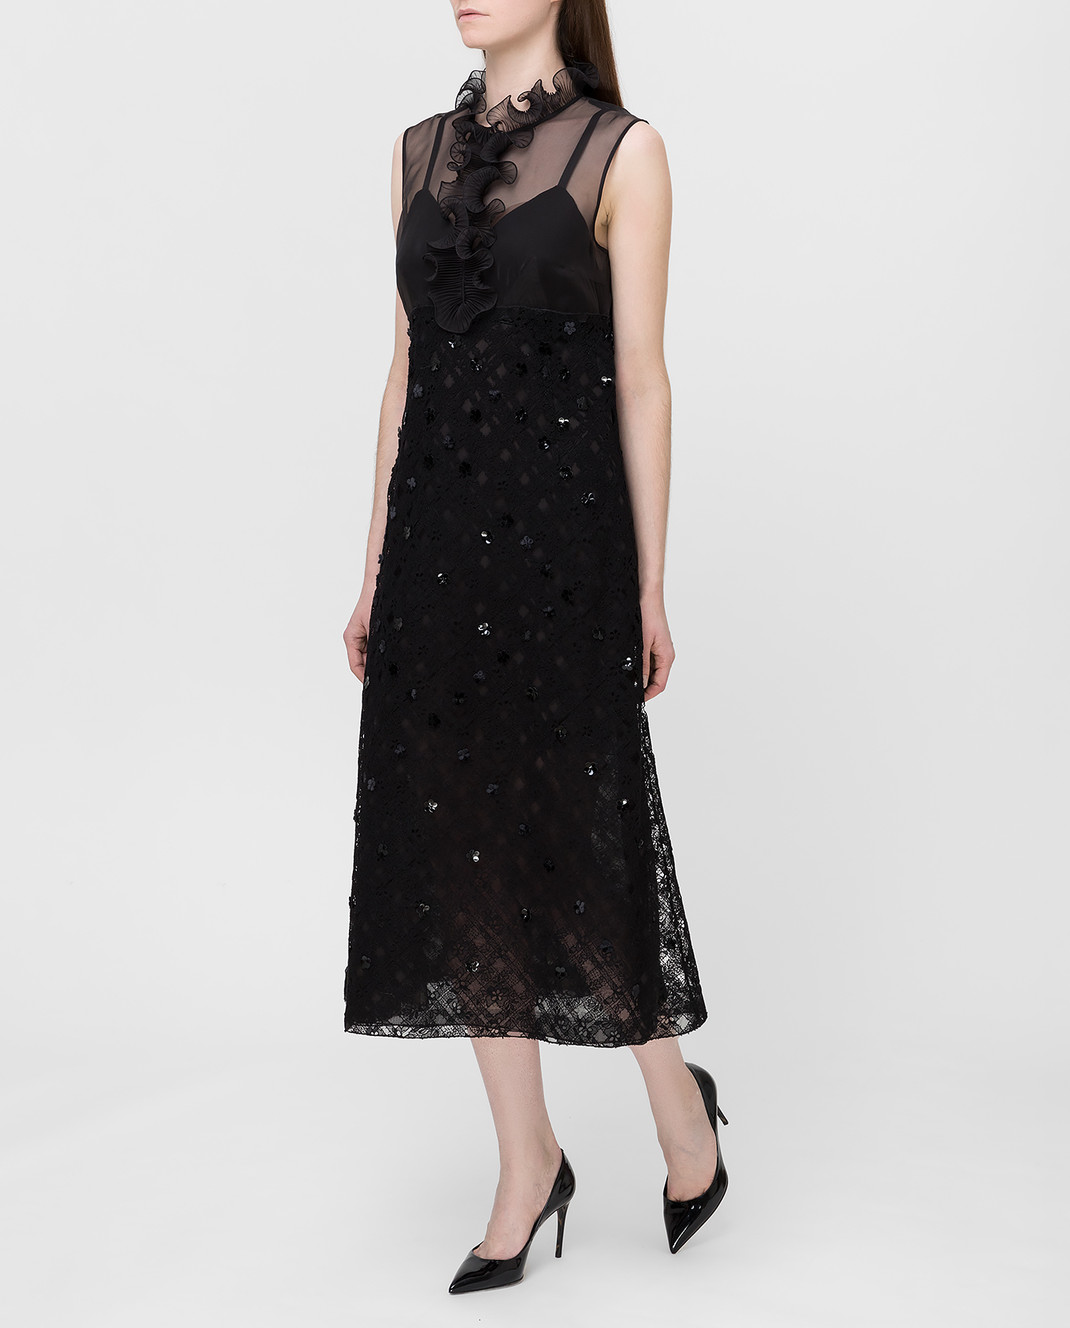 Bottega Veneta Черное платье с пайетками 523986 изображение 3